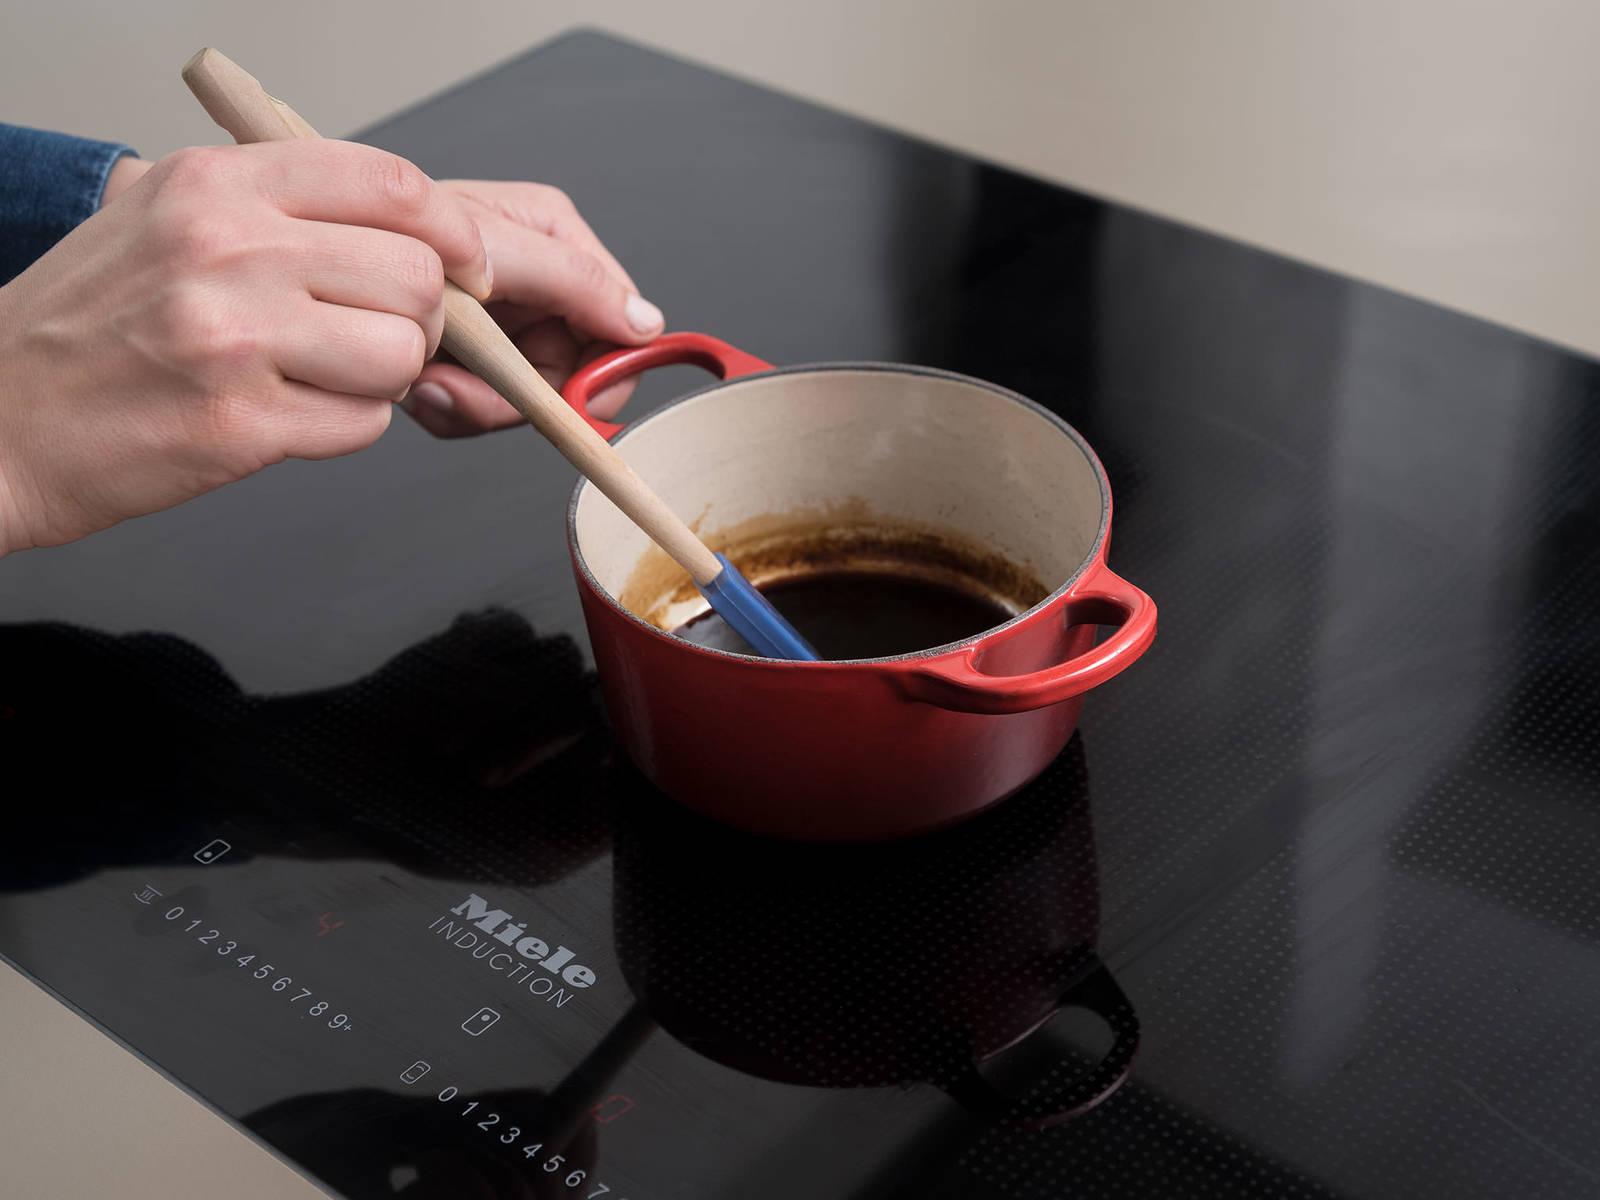 与此同时,制作巴萨米克浓酱:将巴萨米克香醋和蜂蜜一起倒入一个小平底锅中,中小火加热,直至酱汁缩减至一半体积,约需10分钟。